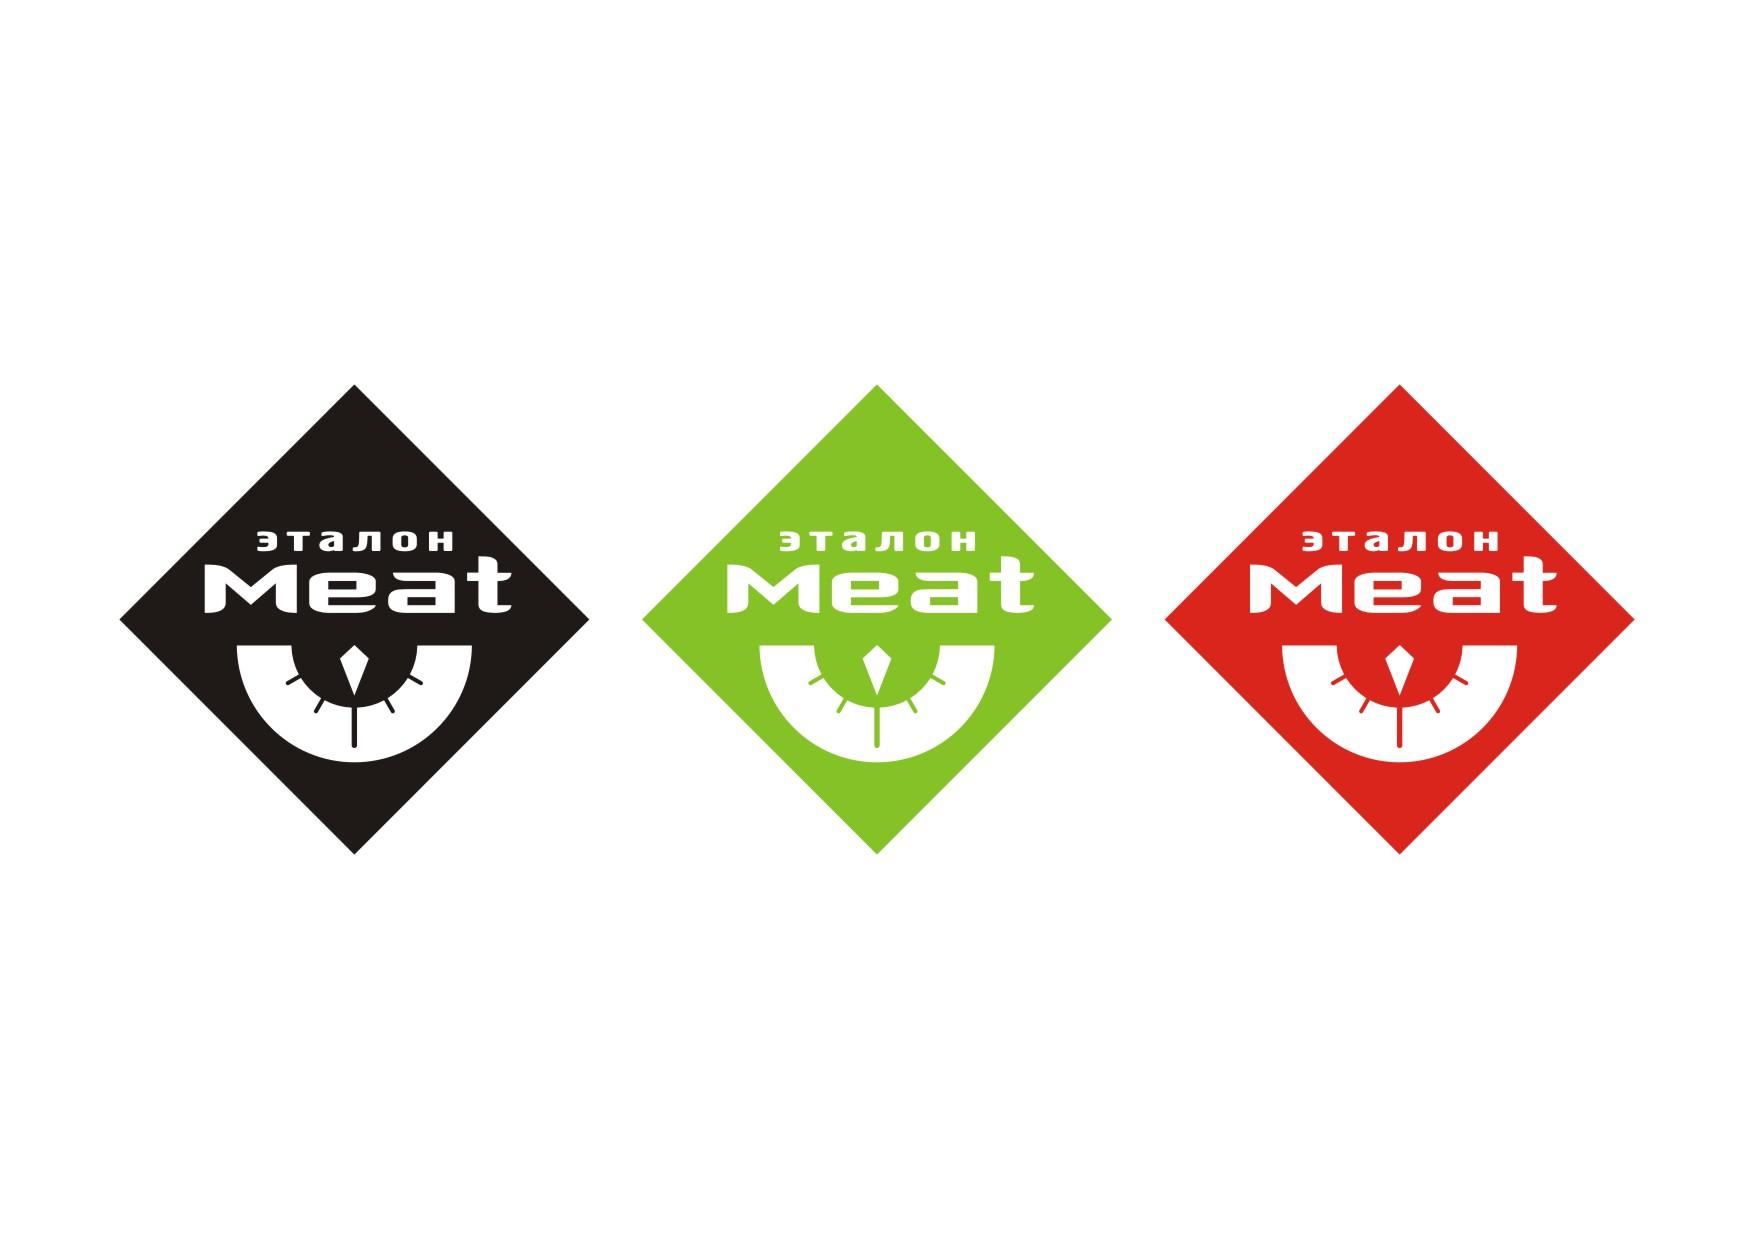 Логотип компании «Meat эталон» фото f_3635700f82c1d021.jpg